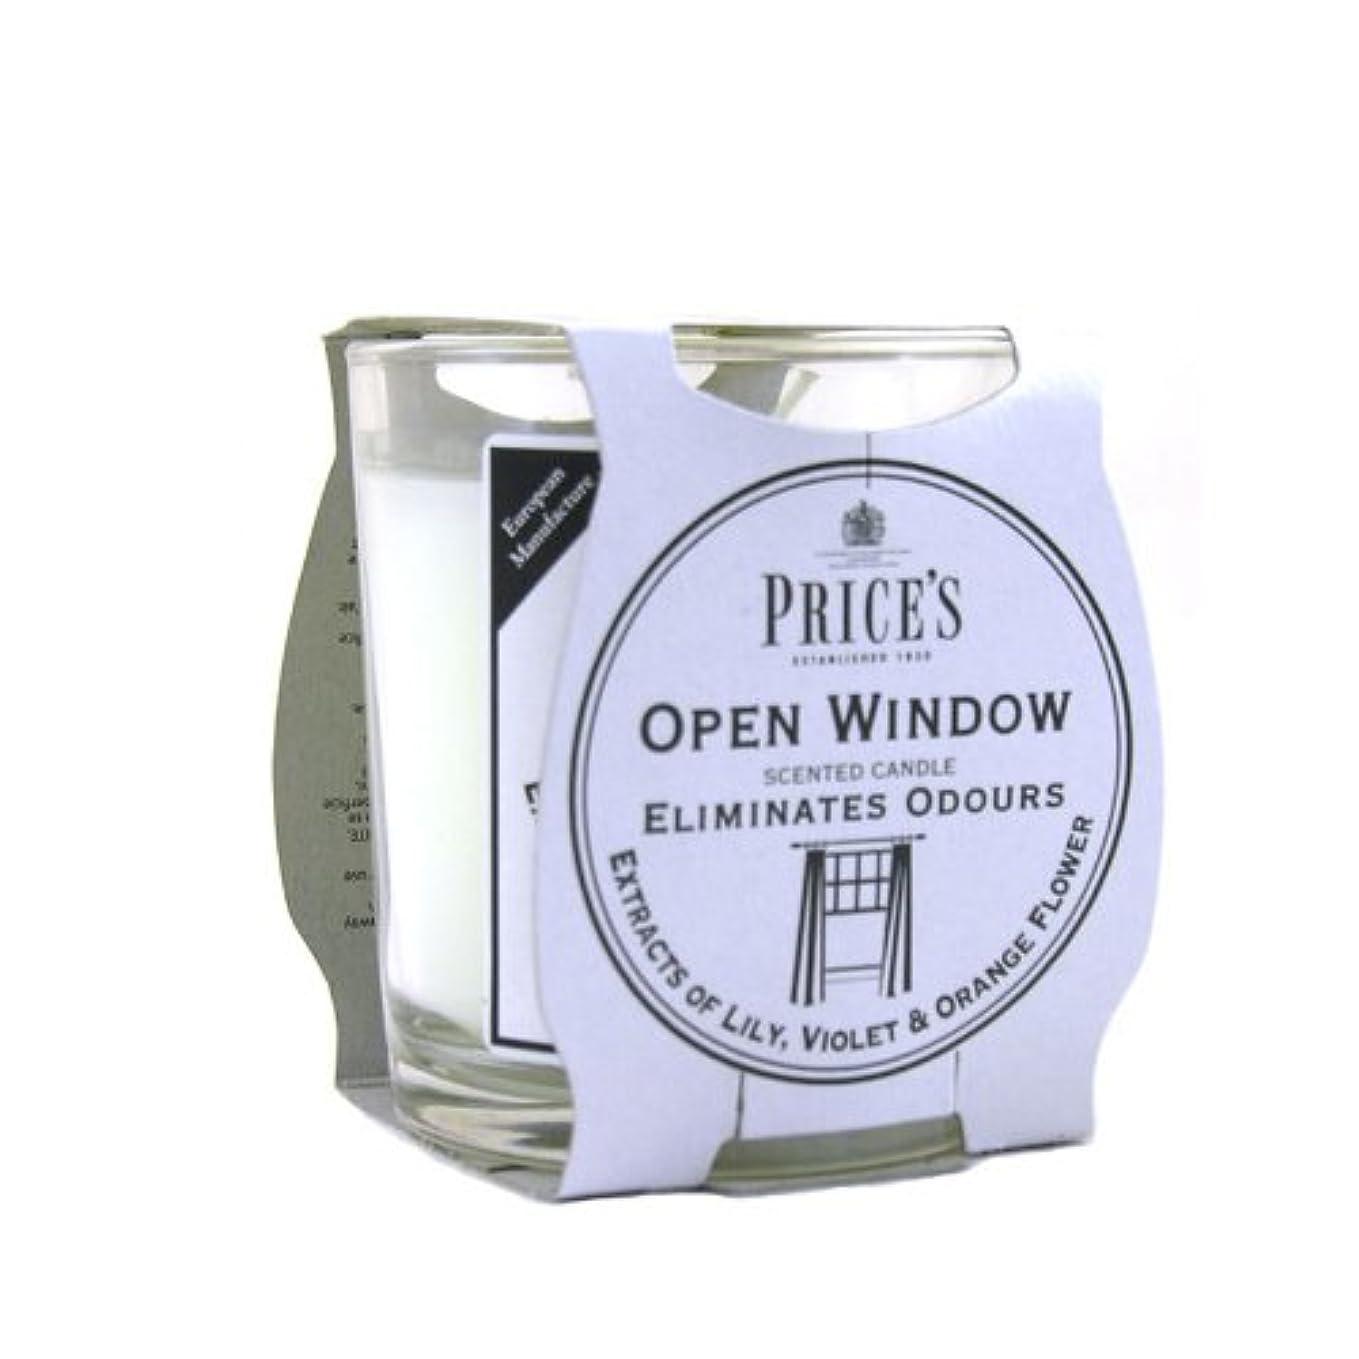 補足びっくりする超高層ビルPrice′s(プライシズ) Fresh Air CANDLE TIN Jar type (フレッシュエアー キャンドル ジャータイプ) OPEN WINDOW(オープンウィンドゥ)